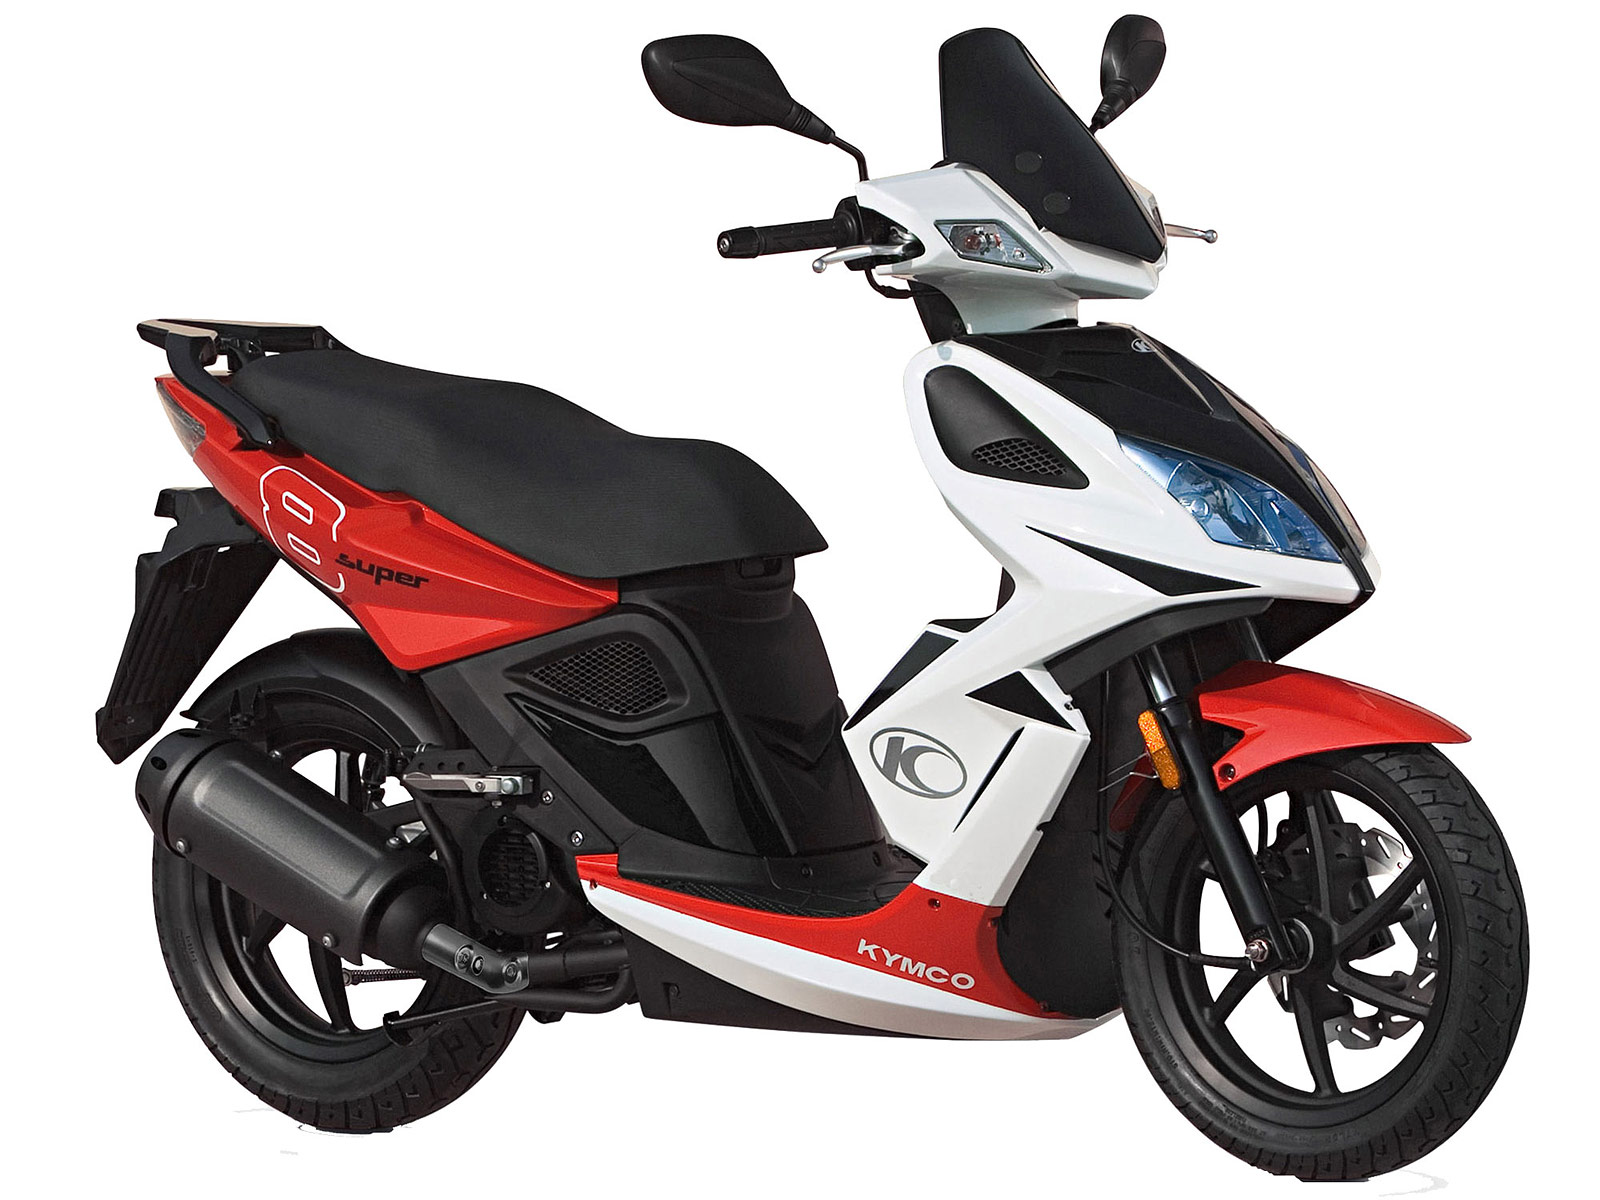 2012 kymco super 8 50 2t scooter insurance information. Black Bedroom Furniture Sets. Home Design Ideas